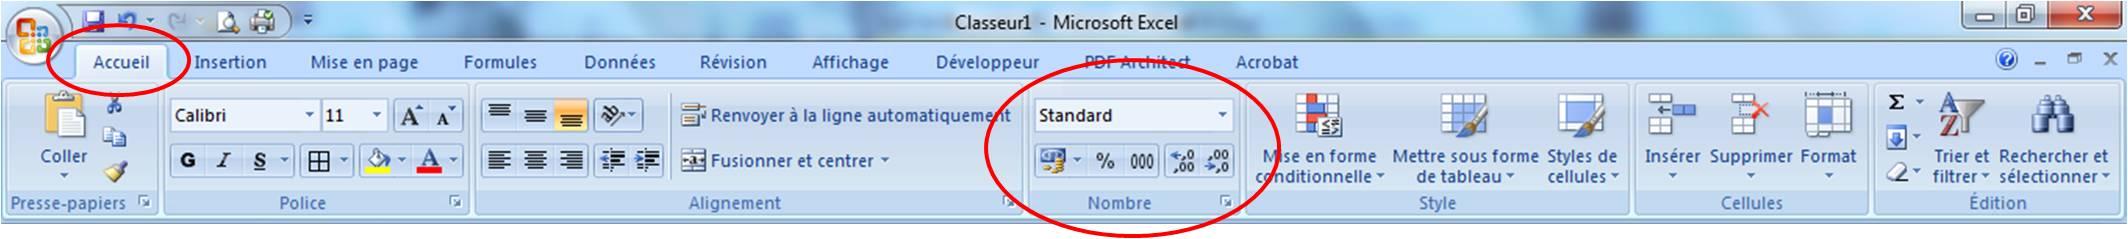 Groupe Nombre de l'onglet Accueil du ruban Excel